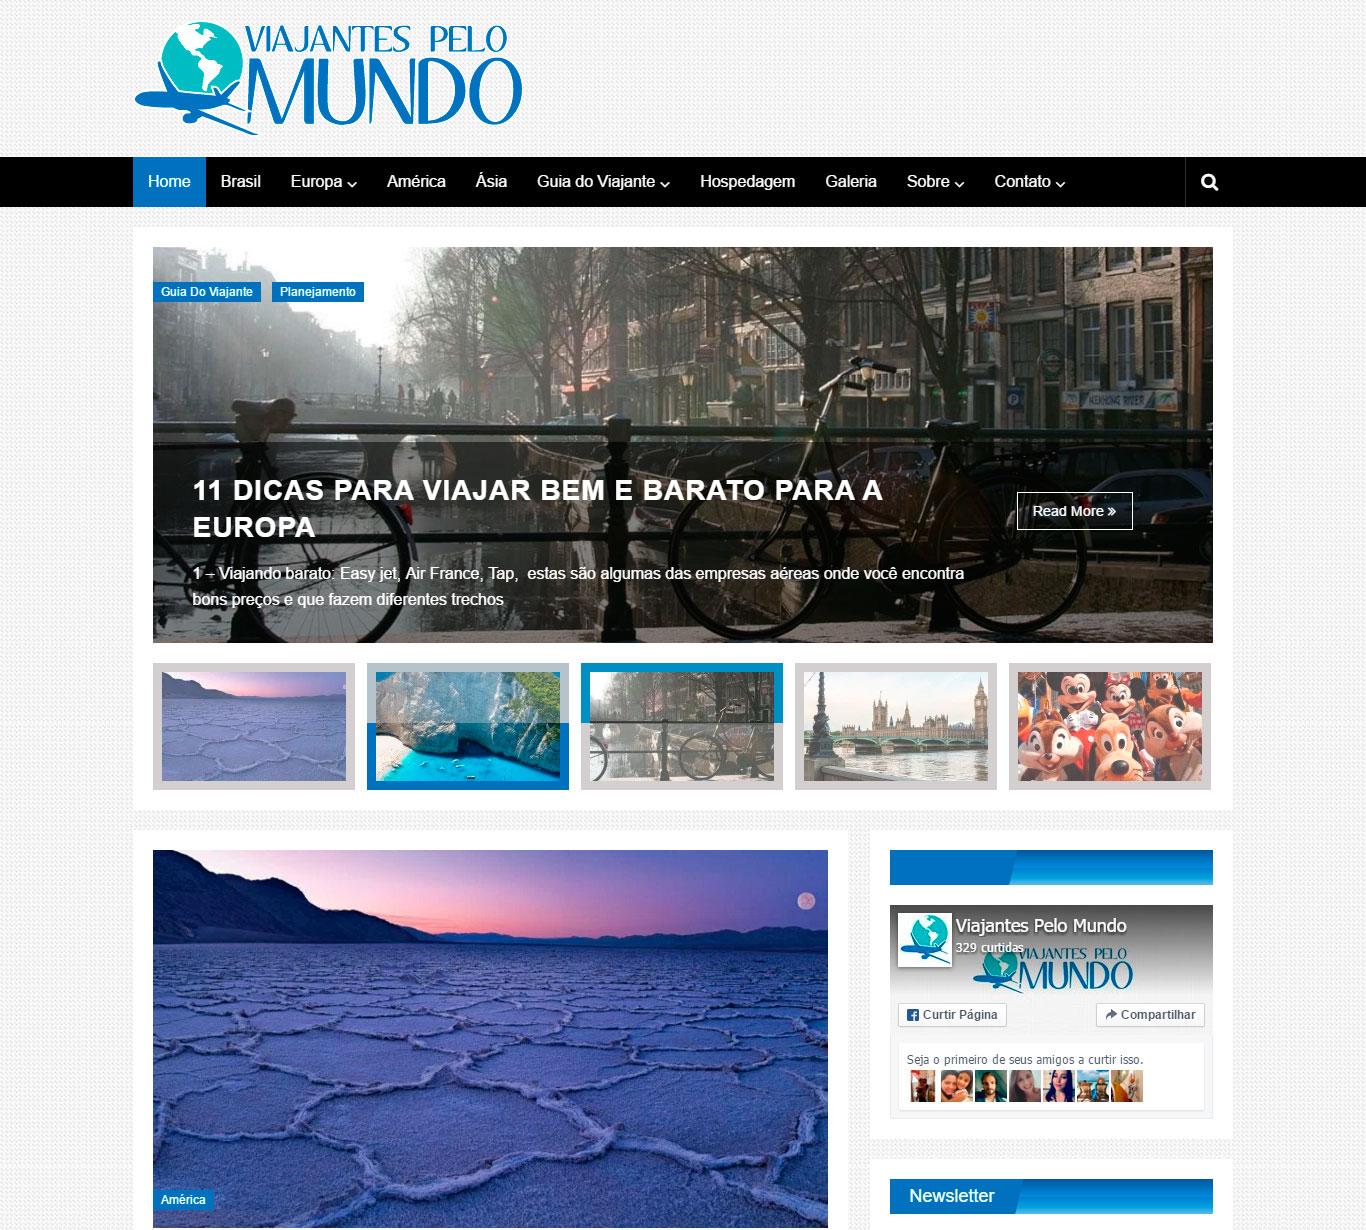 ViajantesPeloMundo-DouglasCarvalho-V2-ER